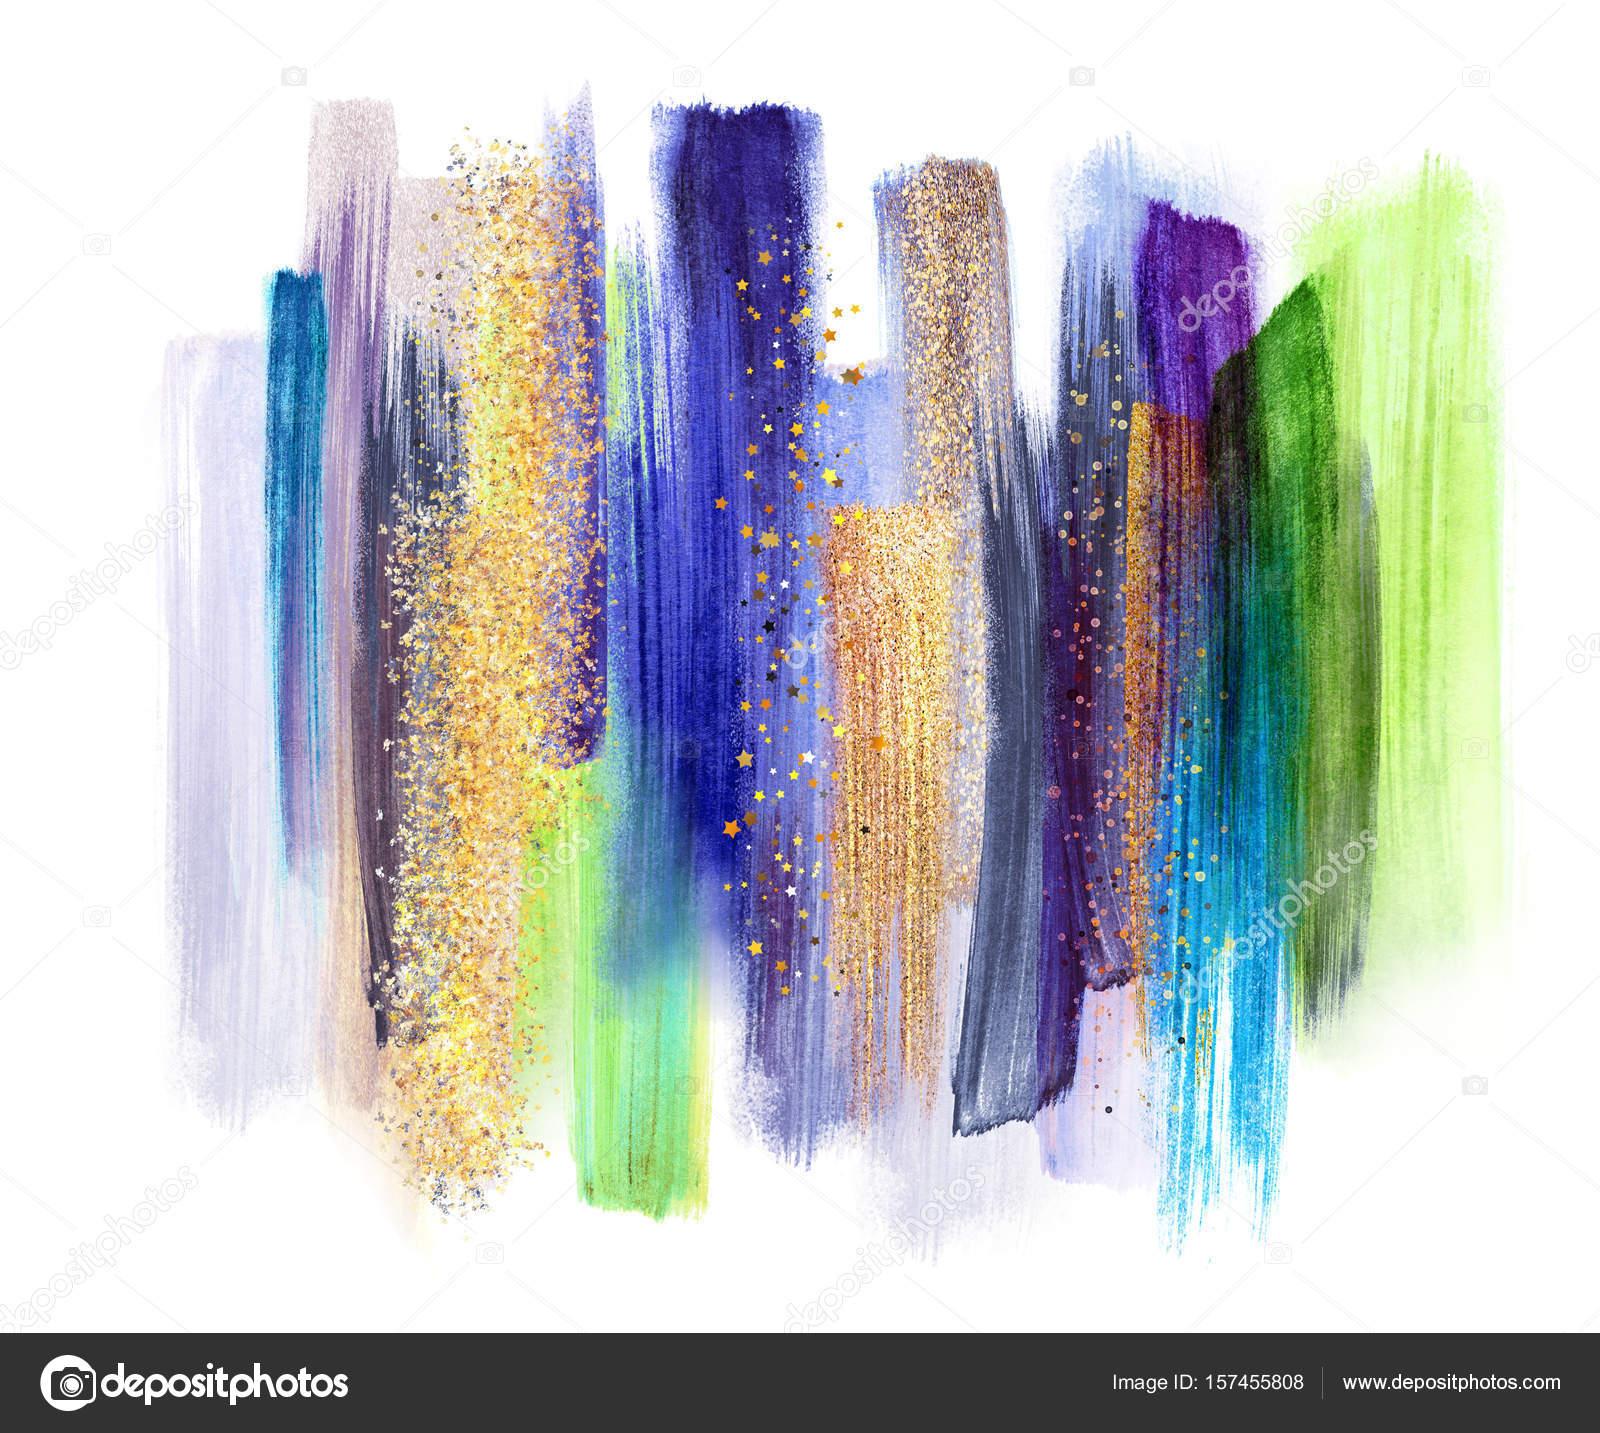 Coups De Pinceau Aquarelle Abstraite Isol S Sur Fond Blanc Or Vert